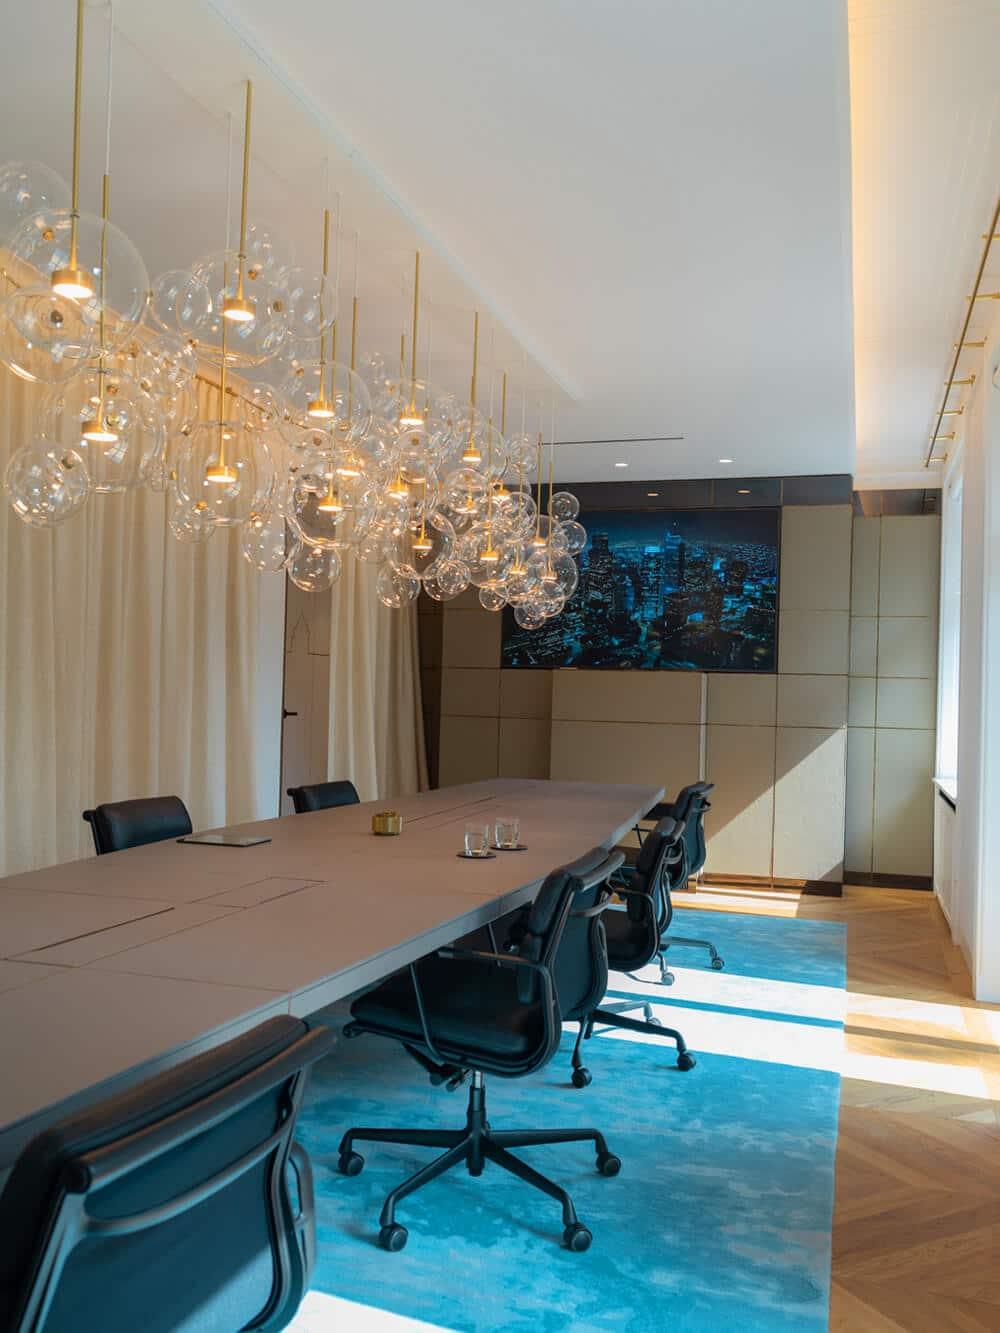 Dom pracy twórczej Wyjątkowe biura whistorycznej willi wZurychu